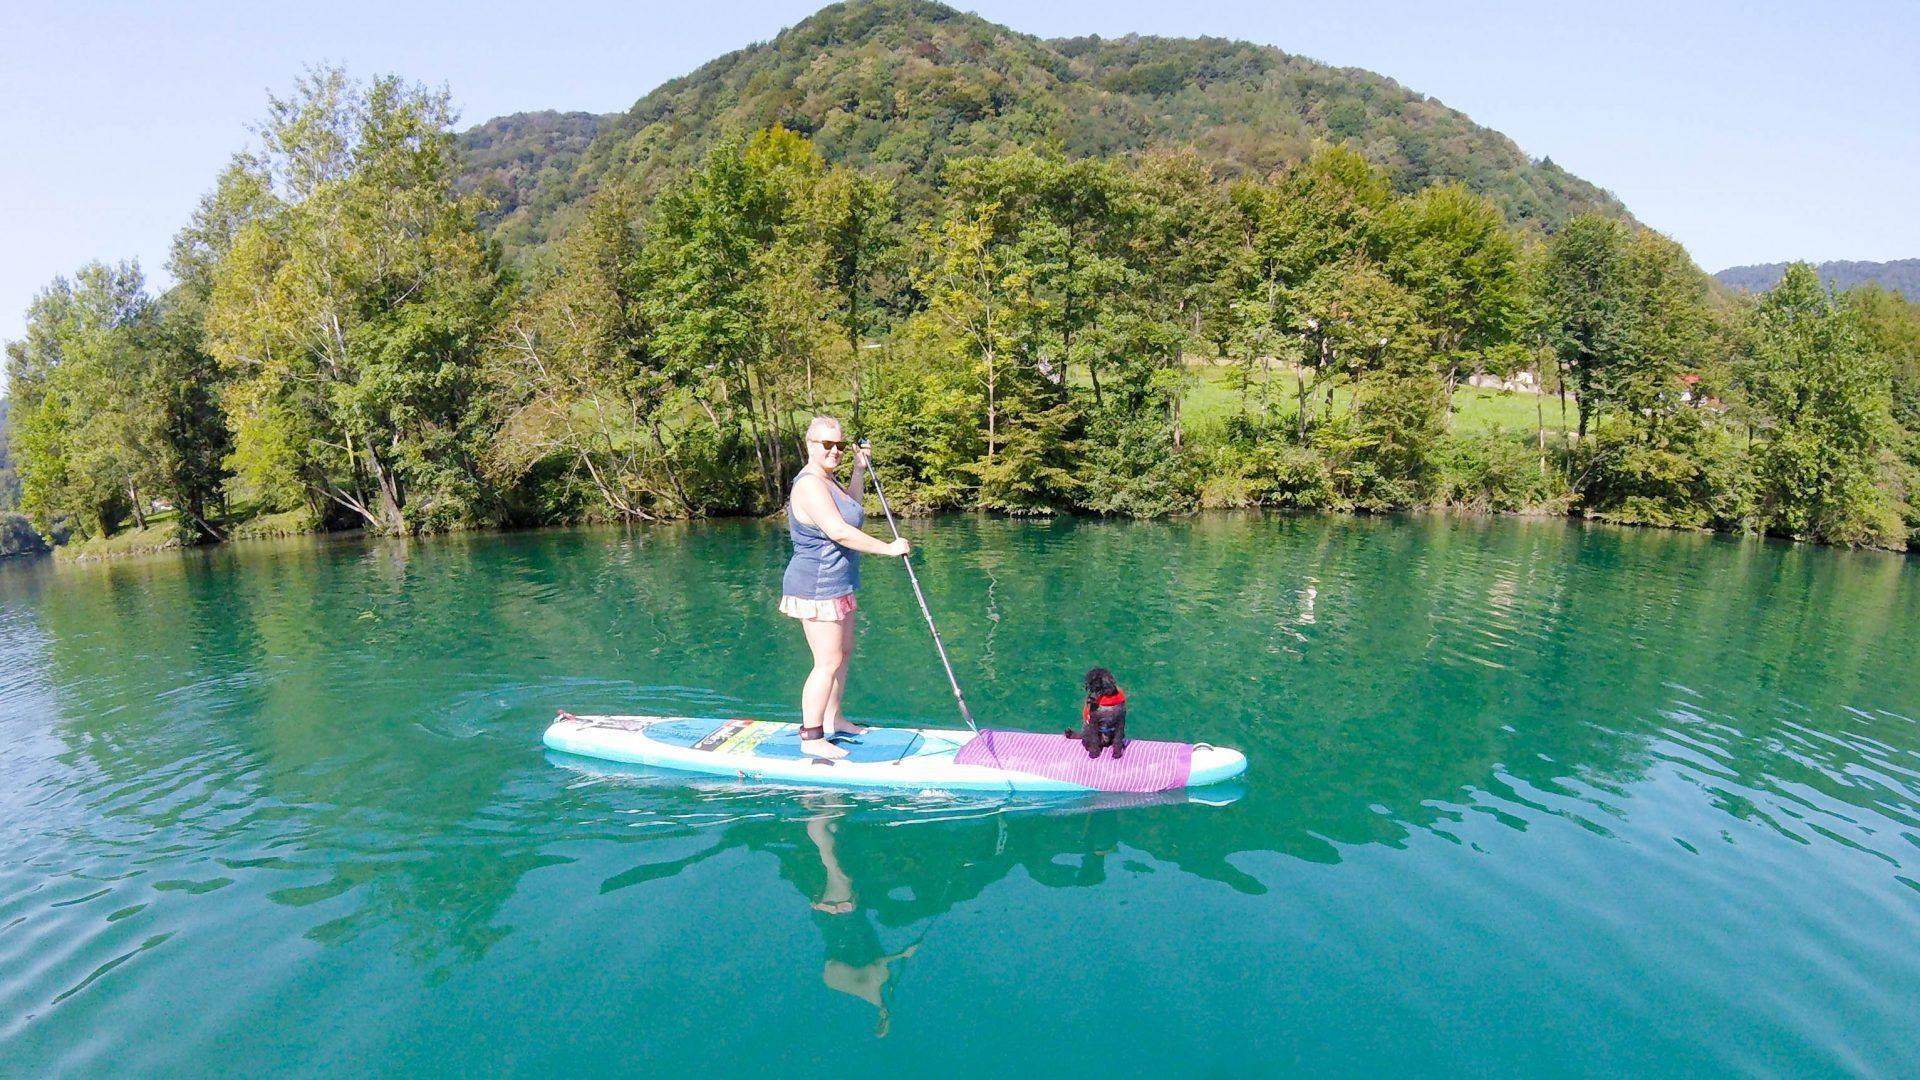 Supanje s psom je lahko prijetno za oba, saj tudi pes na podoben način uživa v naravi.